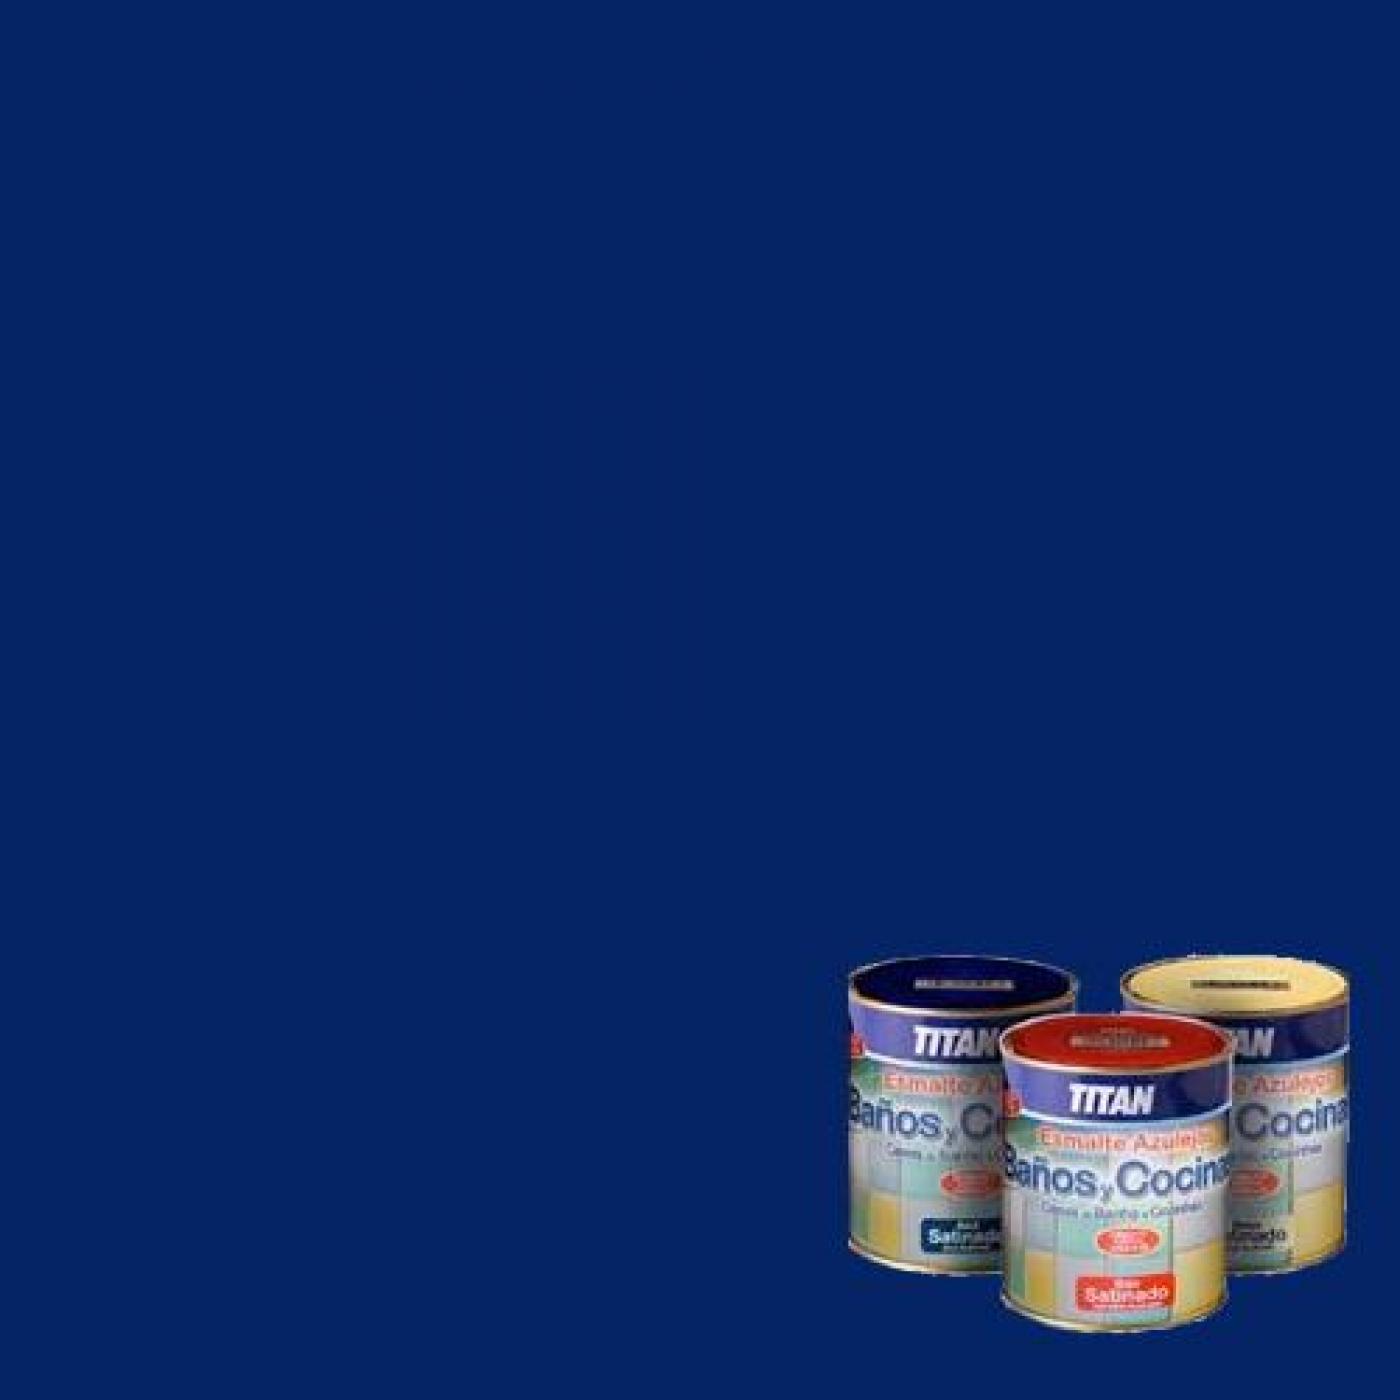 Esmalte satinado para azulejos azul 750 ml titan ba os y - Titan banos y cocinas ...